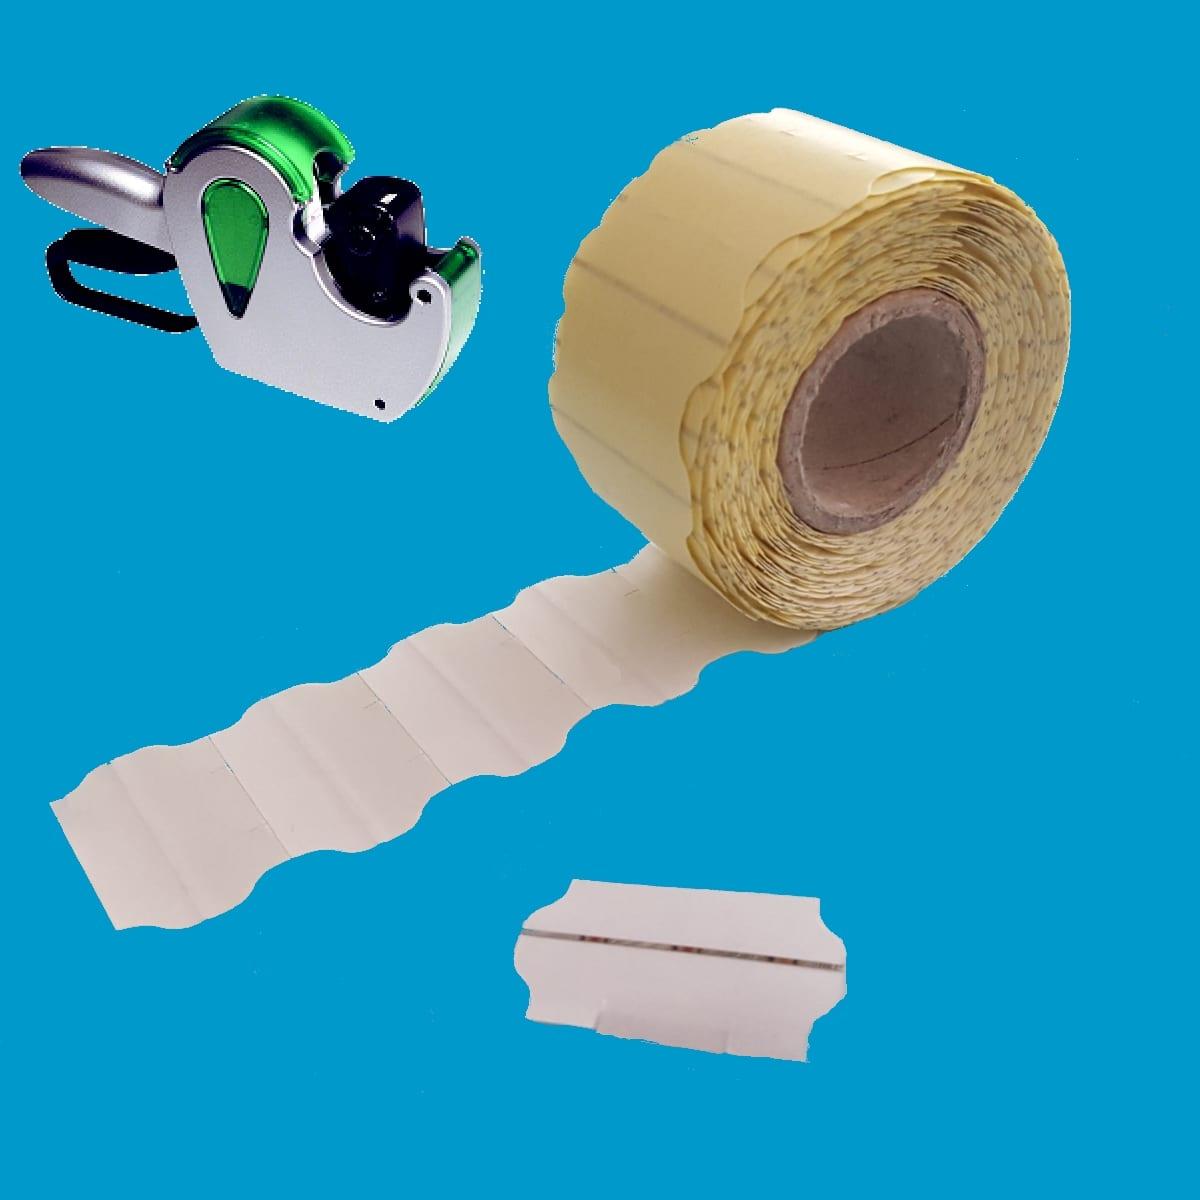 Artikelbeveiliging - winkelbeveiliging - productbeveiliging - beveiligingslabels - beveiligingsetiketten - beveiligingsstickers - prijstang - beveiligd - strip - prijzentang